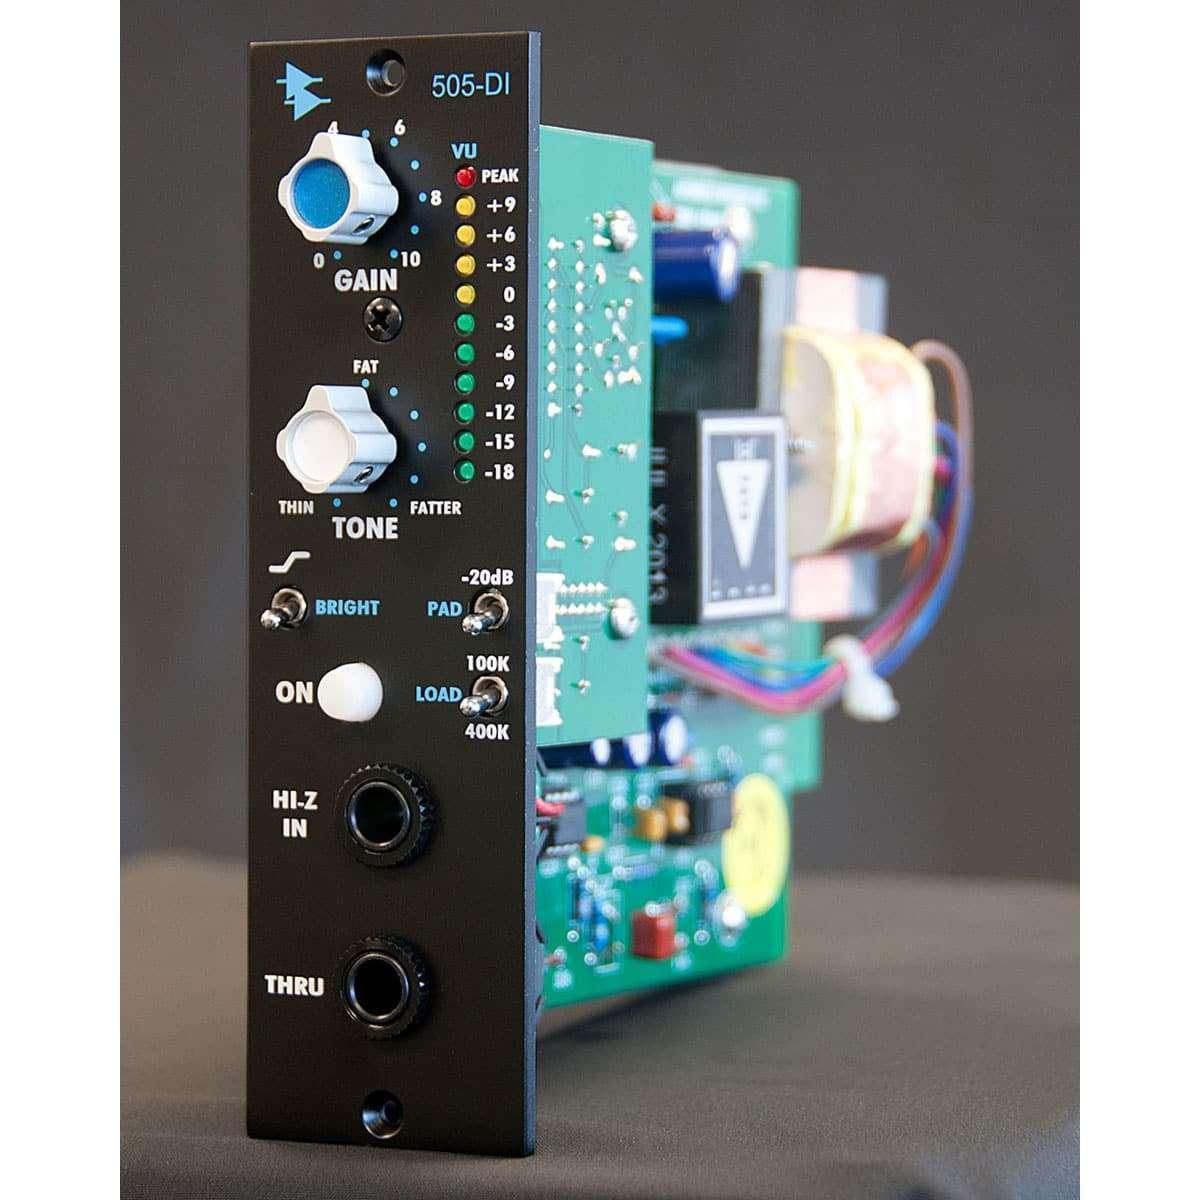 API 505 DI D.I./Reamp, Outboard, Pro Audio API 505 DI 02